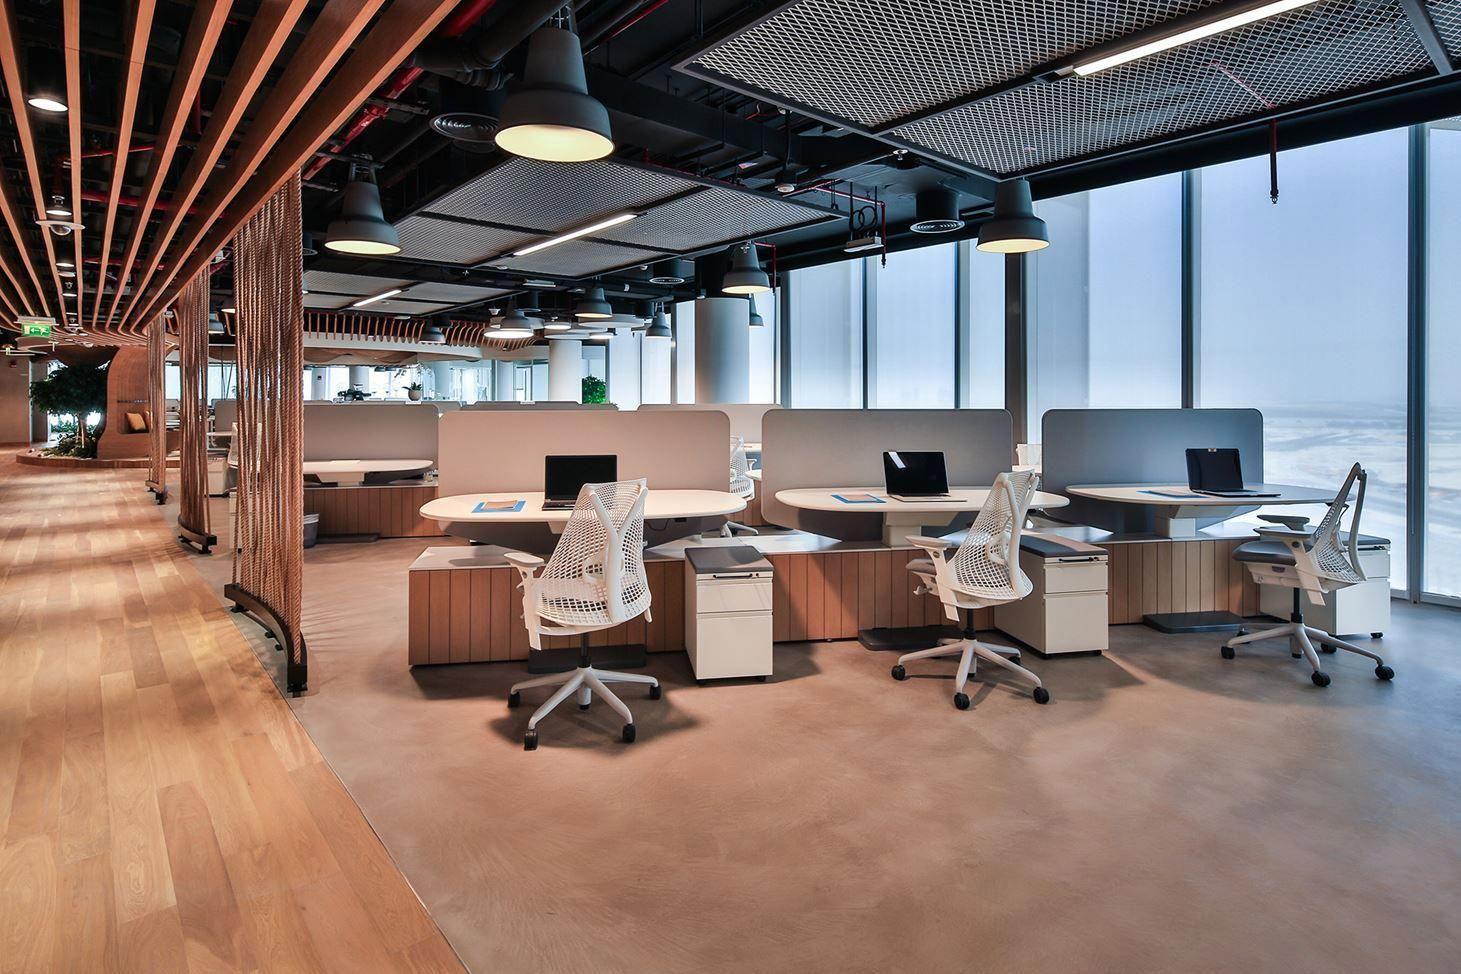 Smart dubai picture gallery interiordesigndubai - Interior design courses in dubai ...